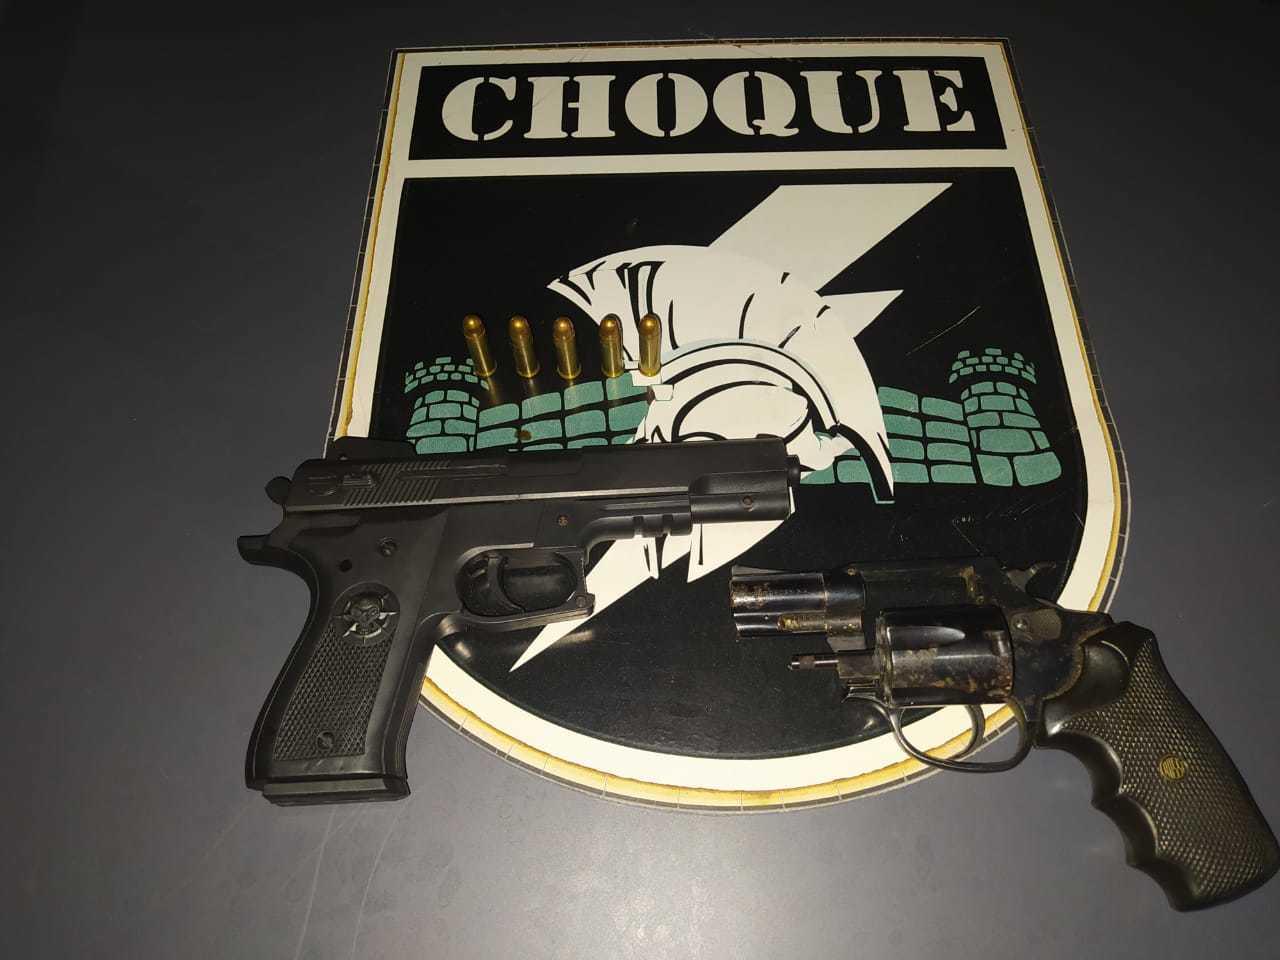 Pistola de brinquedo e revólver cal.38 foram utilizados no roubo pelos menores. (Foto: Divulgação/Choque)